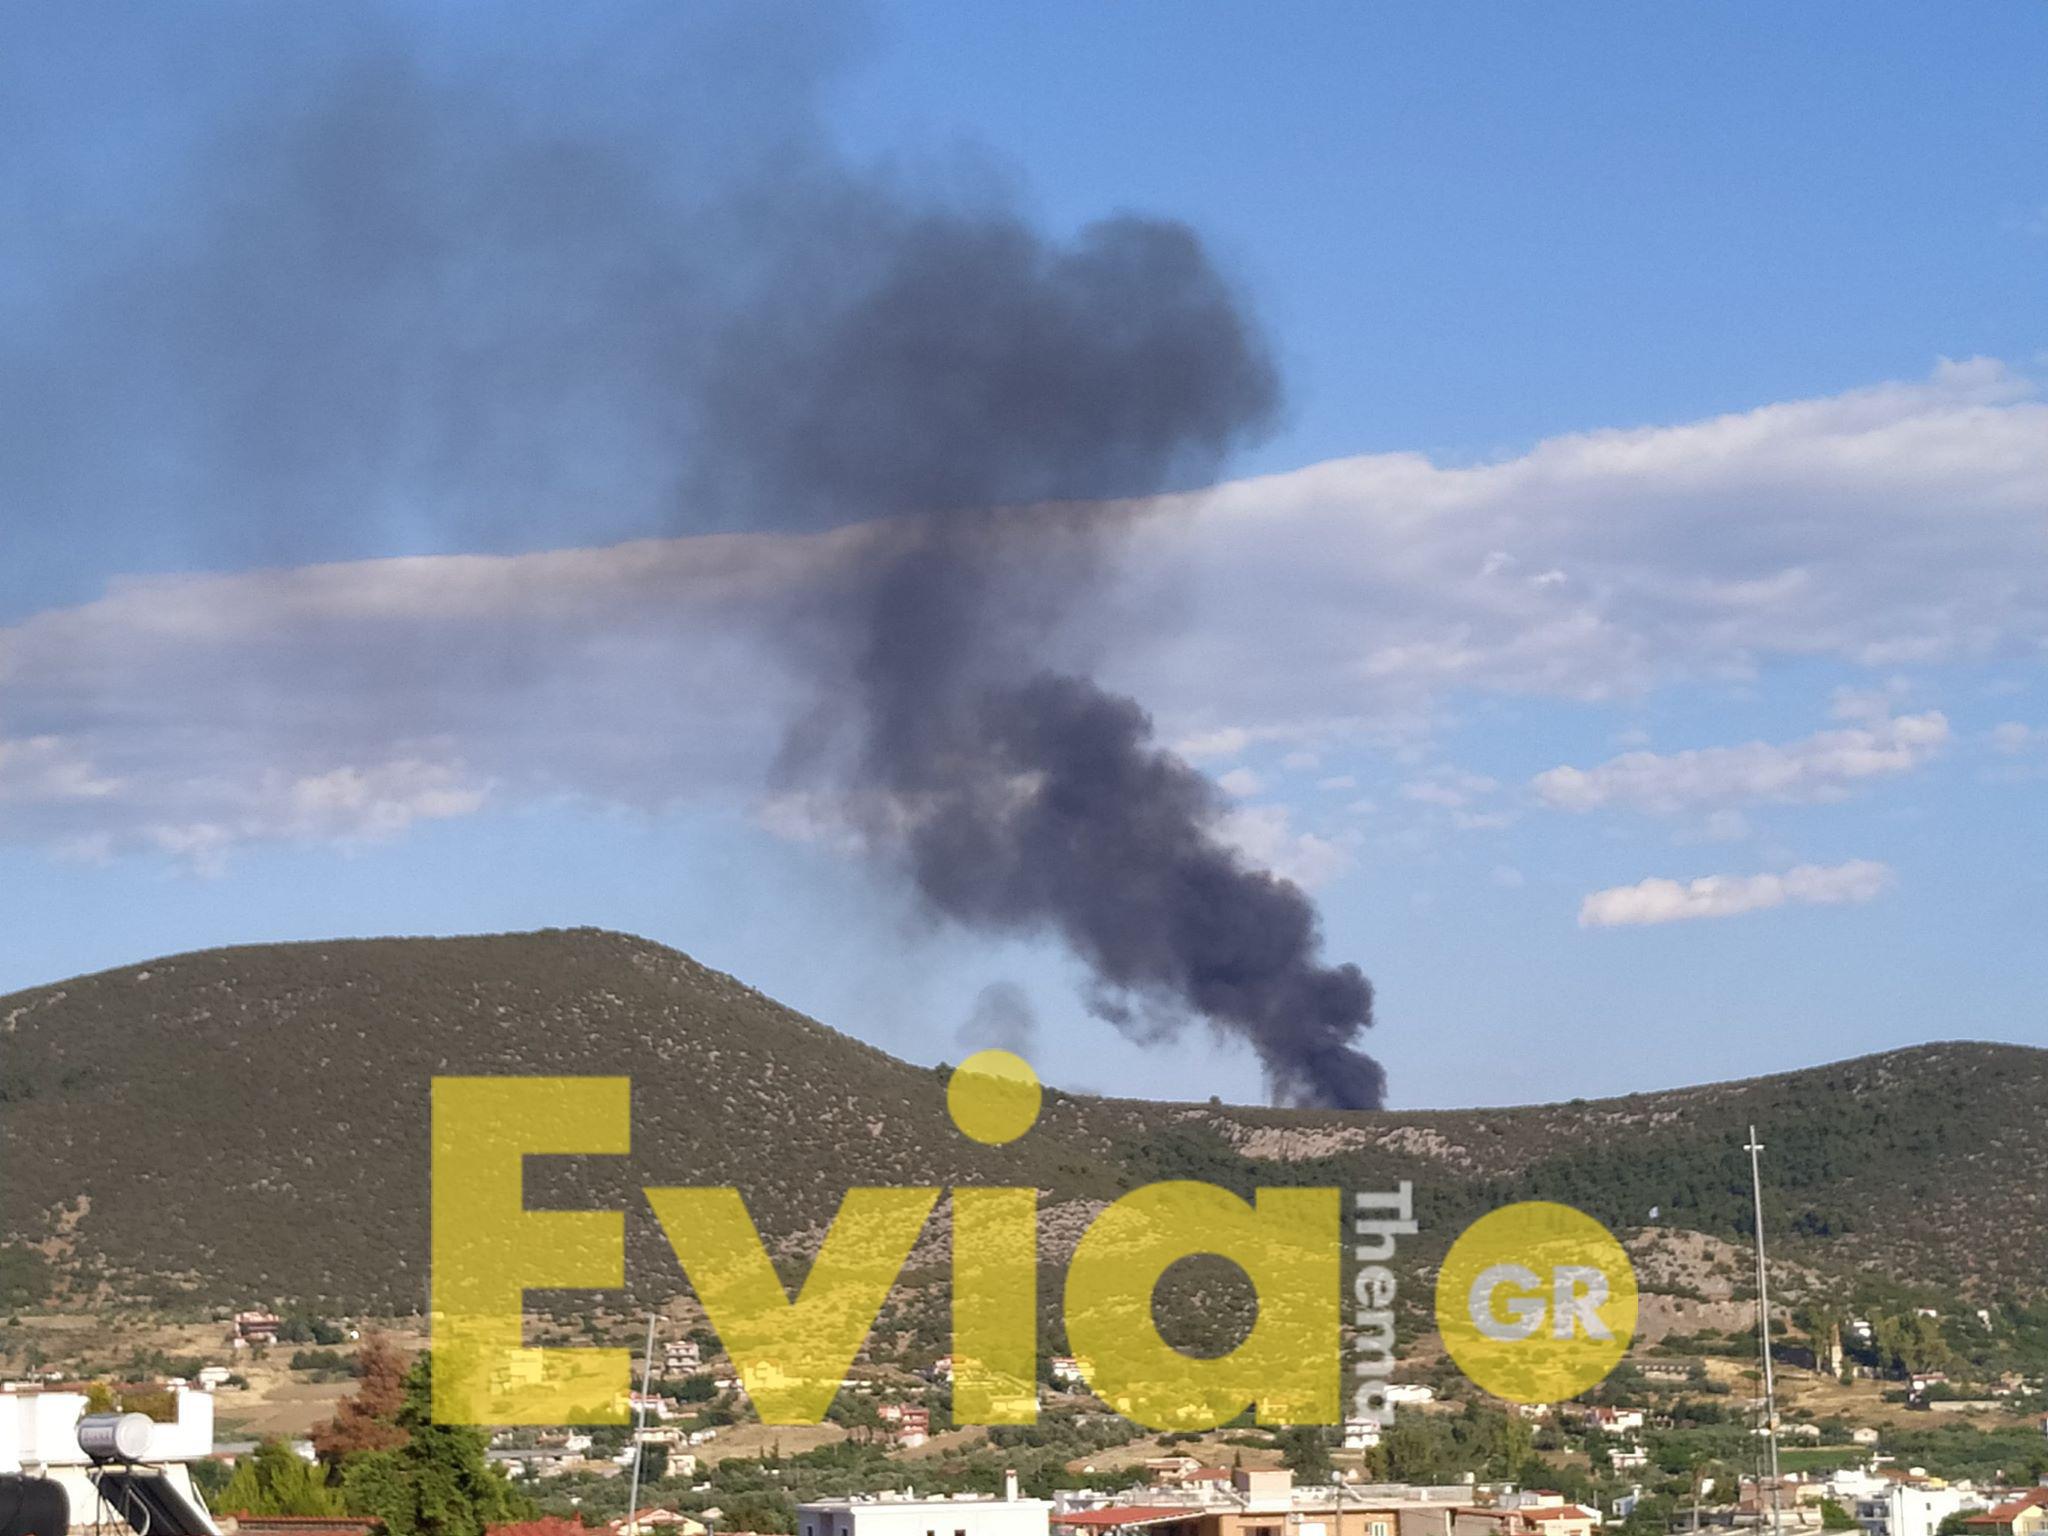 Χαλκίδα: Ανεξέλεγκτη πυρκαγιά στη Χαραυγή, Χαλκίδα: Ανεξέλεγκτη πυρκαγιά στη Χαραυγή – Σπεύδουν δυνάμεις της πυροσβεστικής [ΦΩΤΟΓΡΑΦΙΕΣ], Eviathema.gr | ΕΥΒΟΙΑ ΝΕΑ - Νέα και ειδήσεις από όλη την Εύβοια